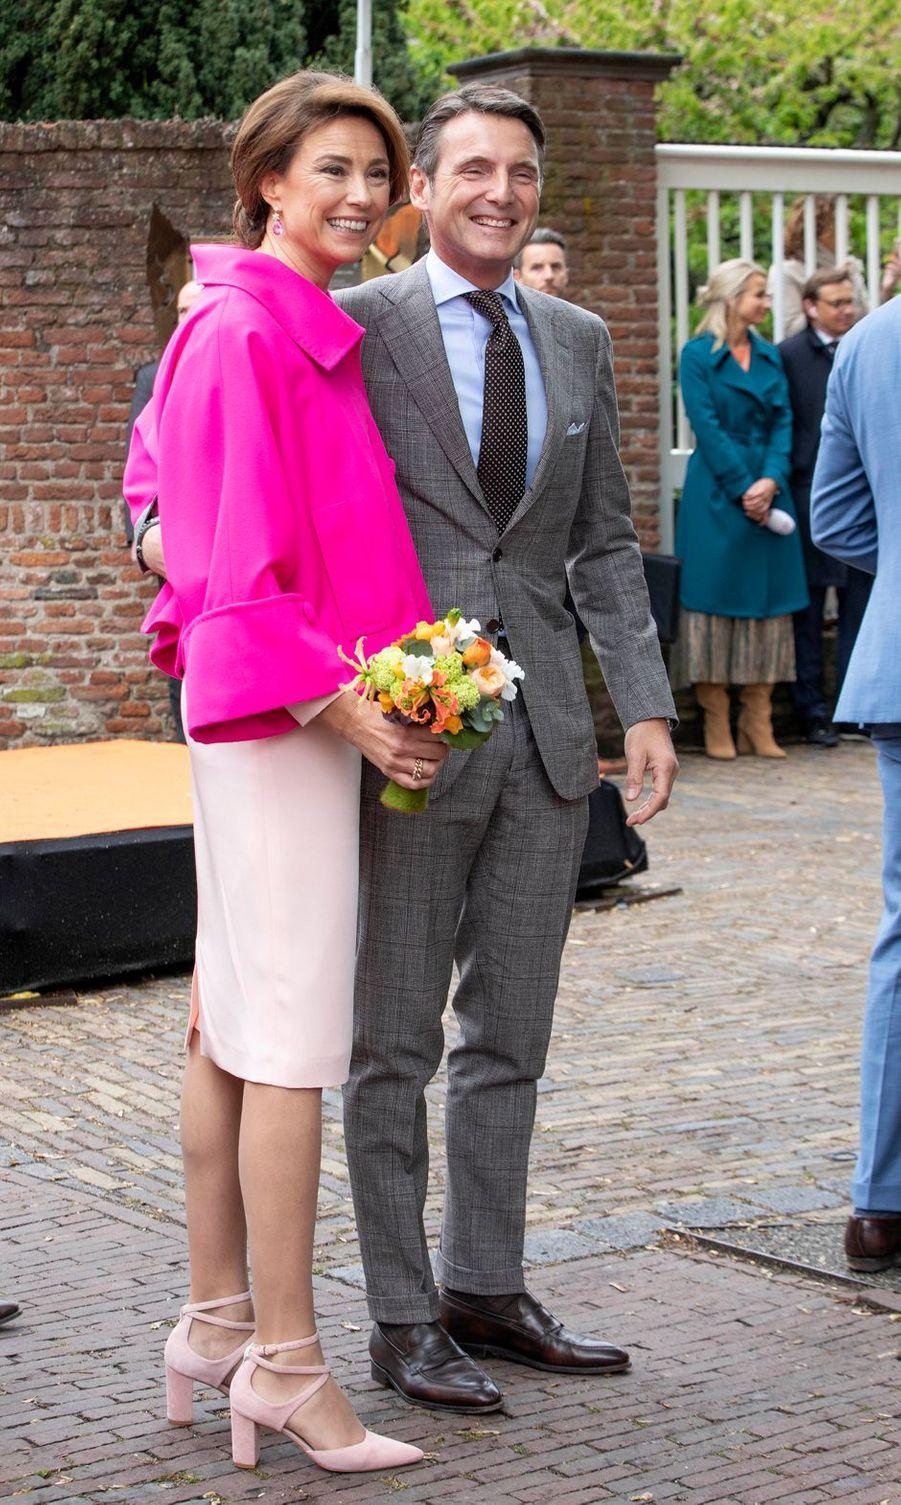 La princesse Marylène et le princeMaurits des Pays-Bas à Amersfoort, le 27 avril 2019